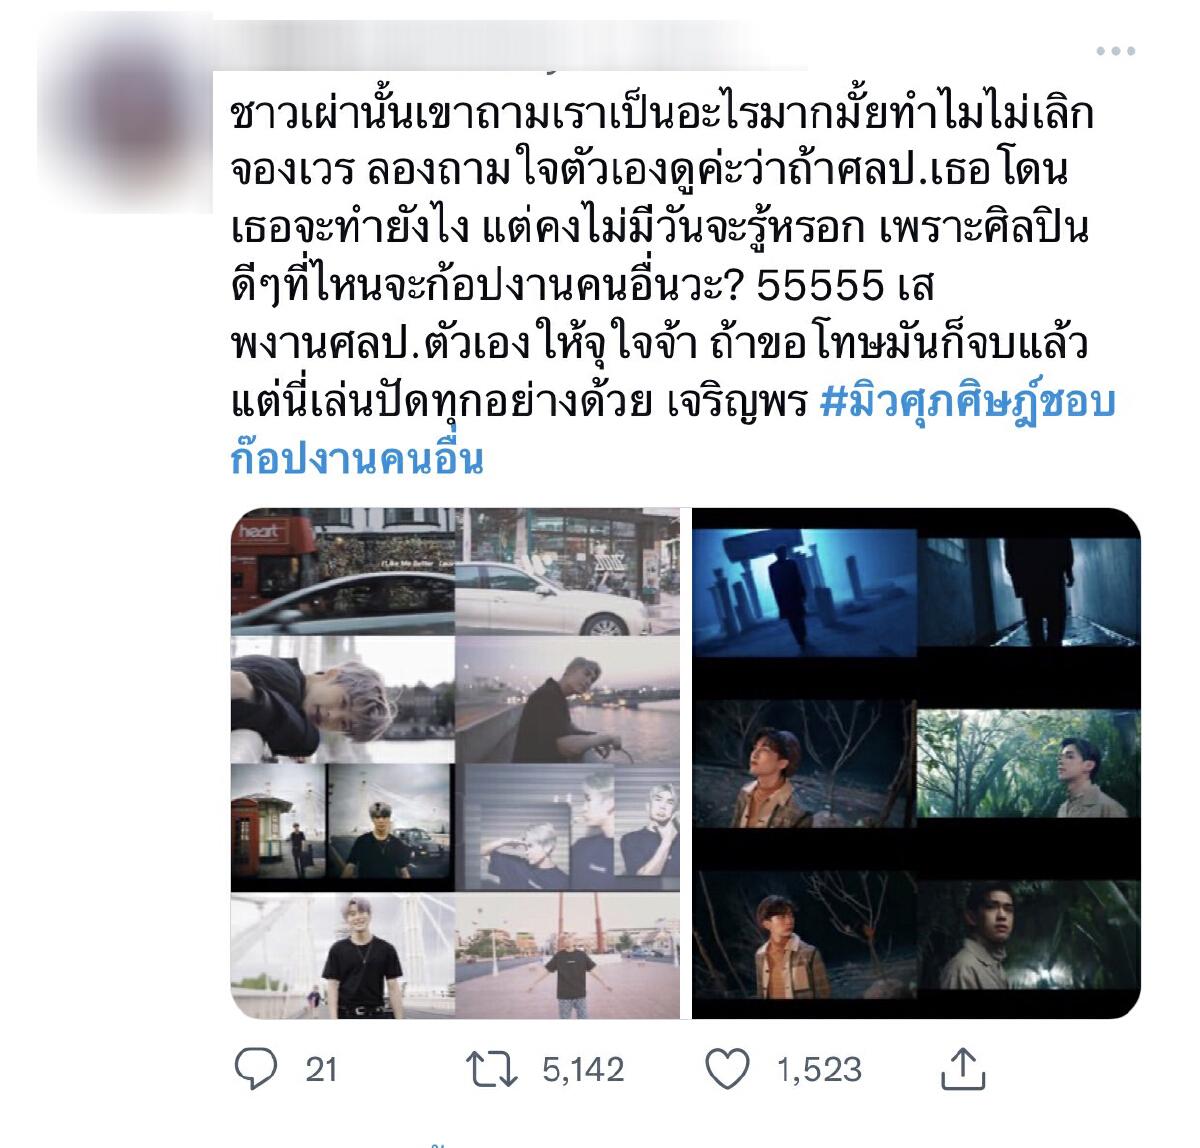 มิว ศุภศิษฏ์ ตัวแทนศิลปินไทยร่วมงานระดับอินเตอร์ แต่ดันเจอดราม่า ขุดปมเก่า